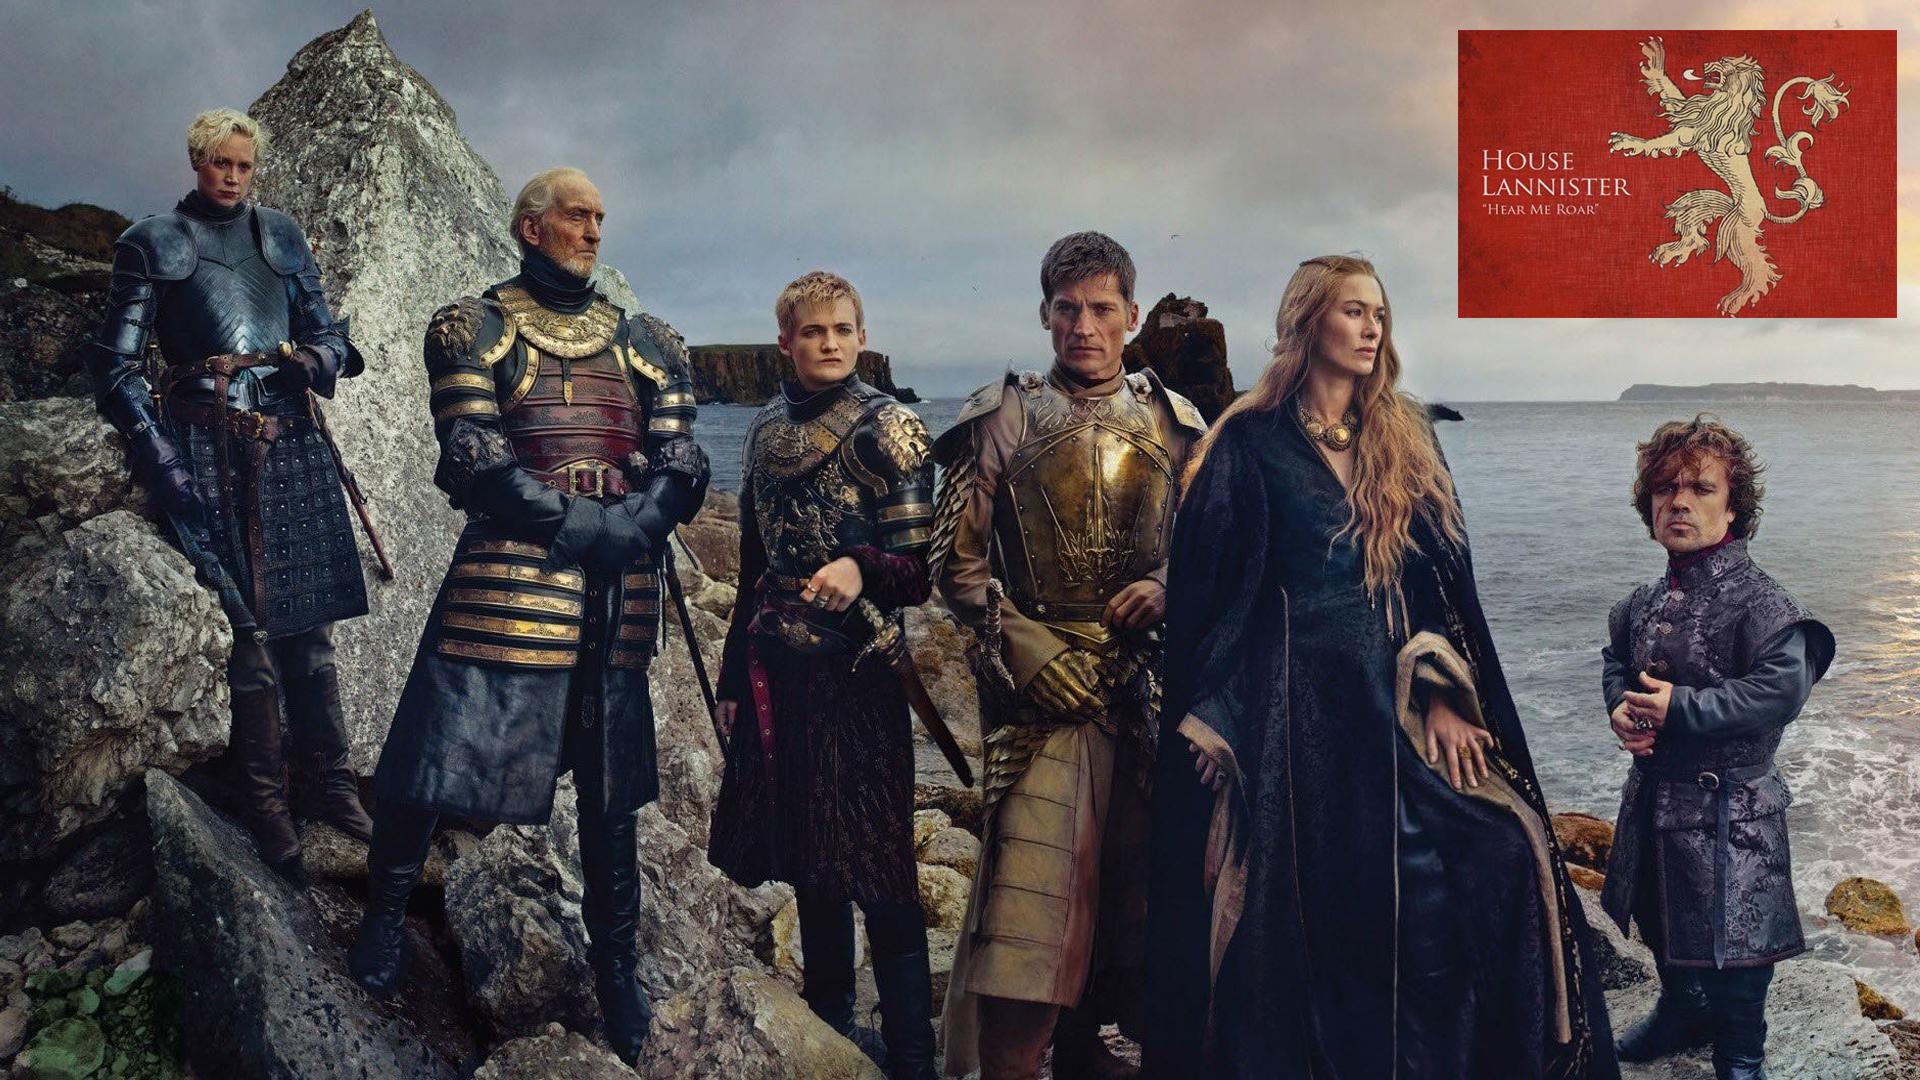 Casa lannister de juego de tronos la casa del león